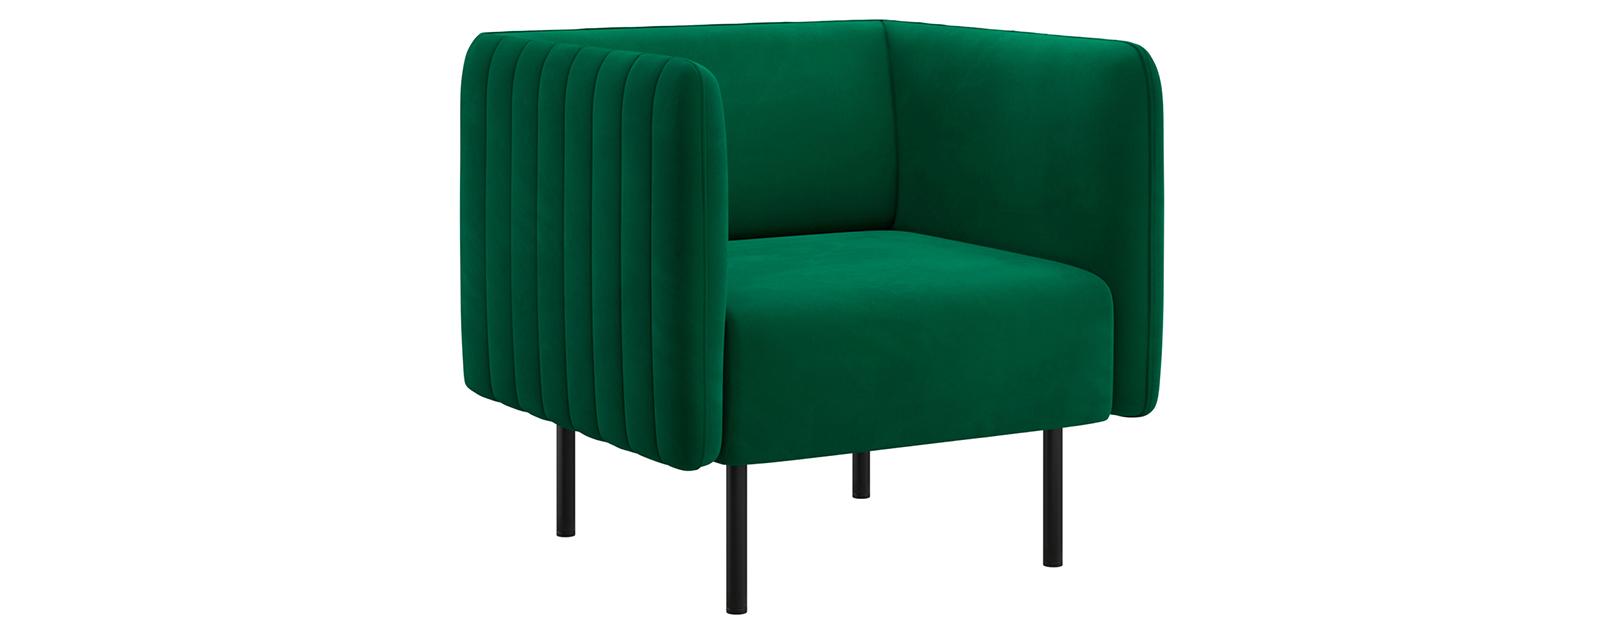 Кресло тканевое Рио Velutto тёмно-зелёный (Велюр)